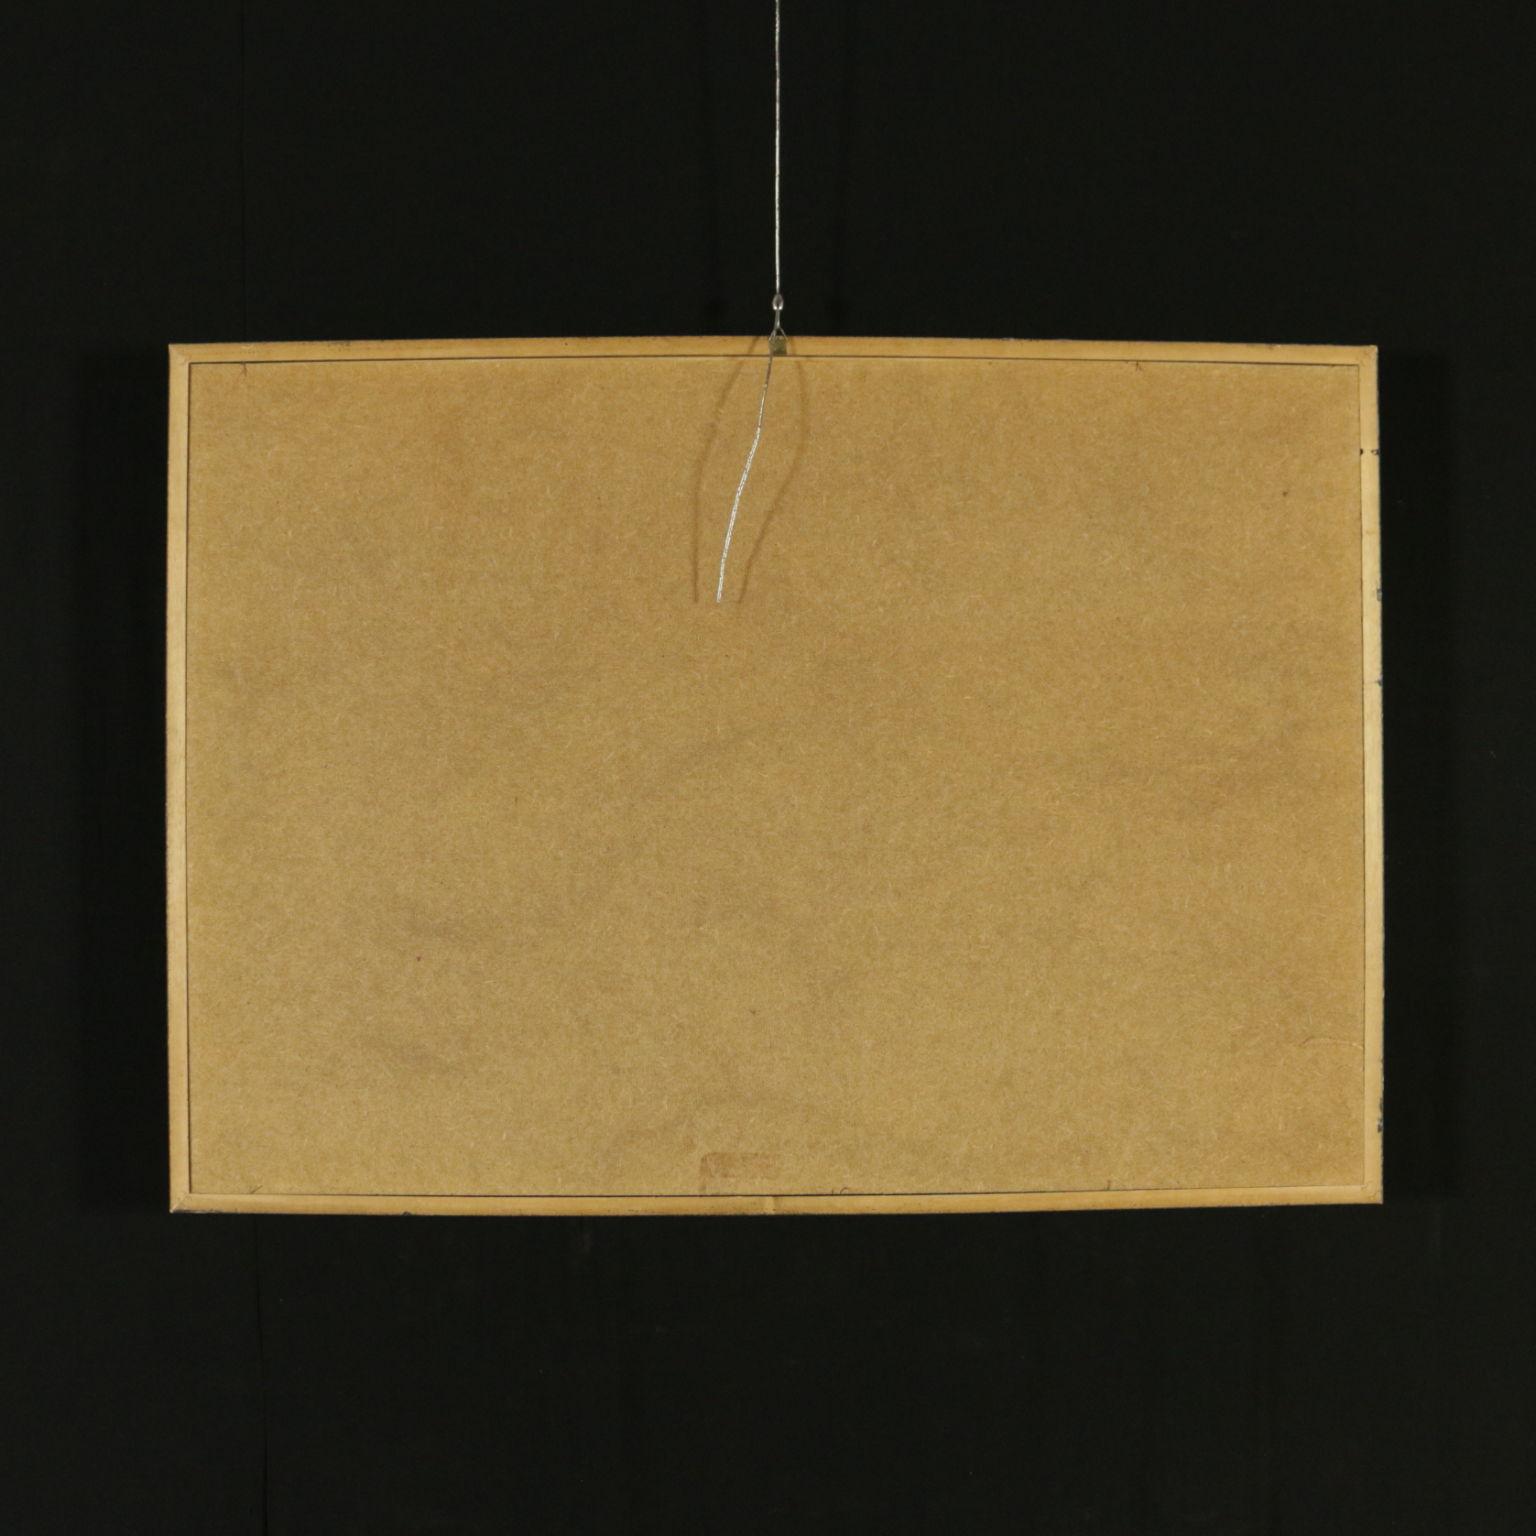 Lithographie von Joan Miro - Zeitgenössische - Kunst - dimanoinmano.it